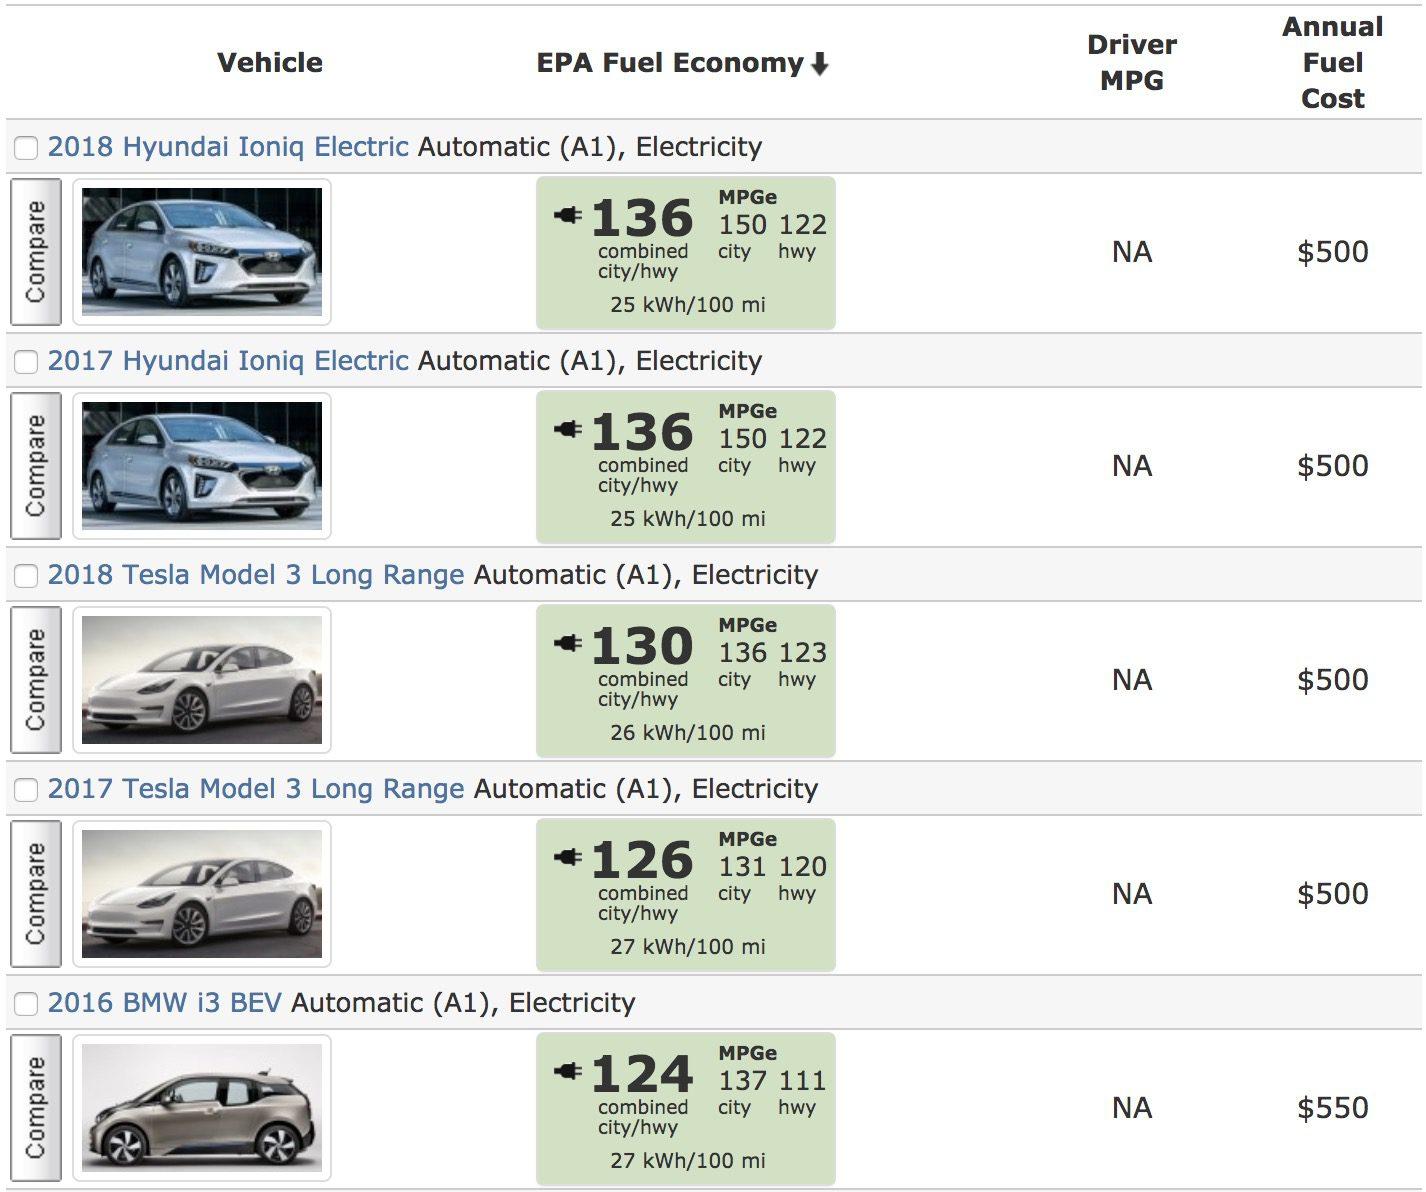 ترتيب السيارات الكهربائية حسب الكفاءة